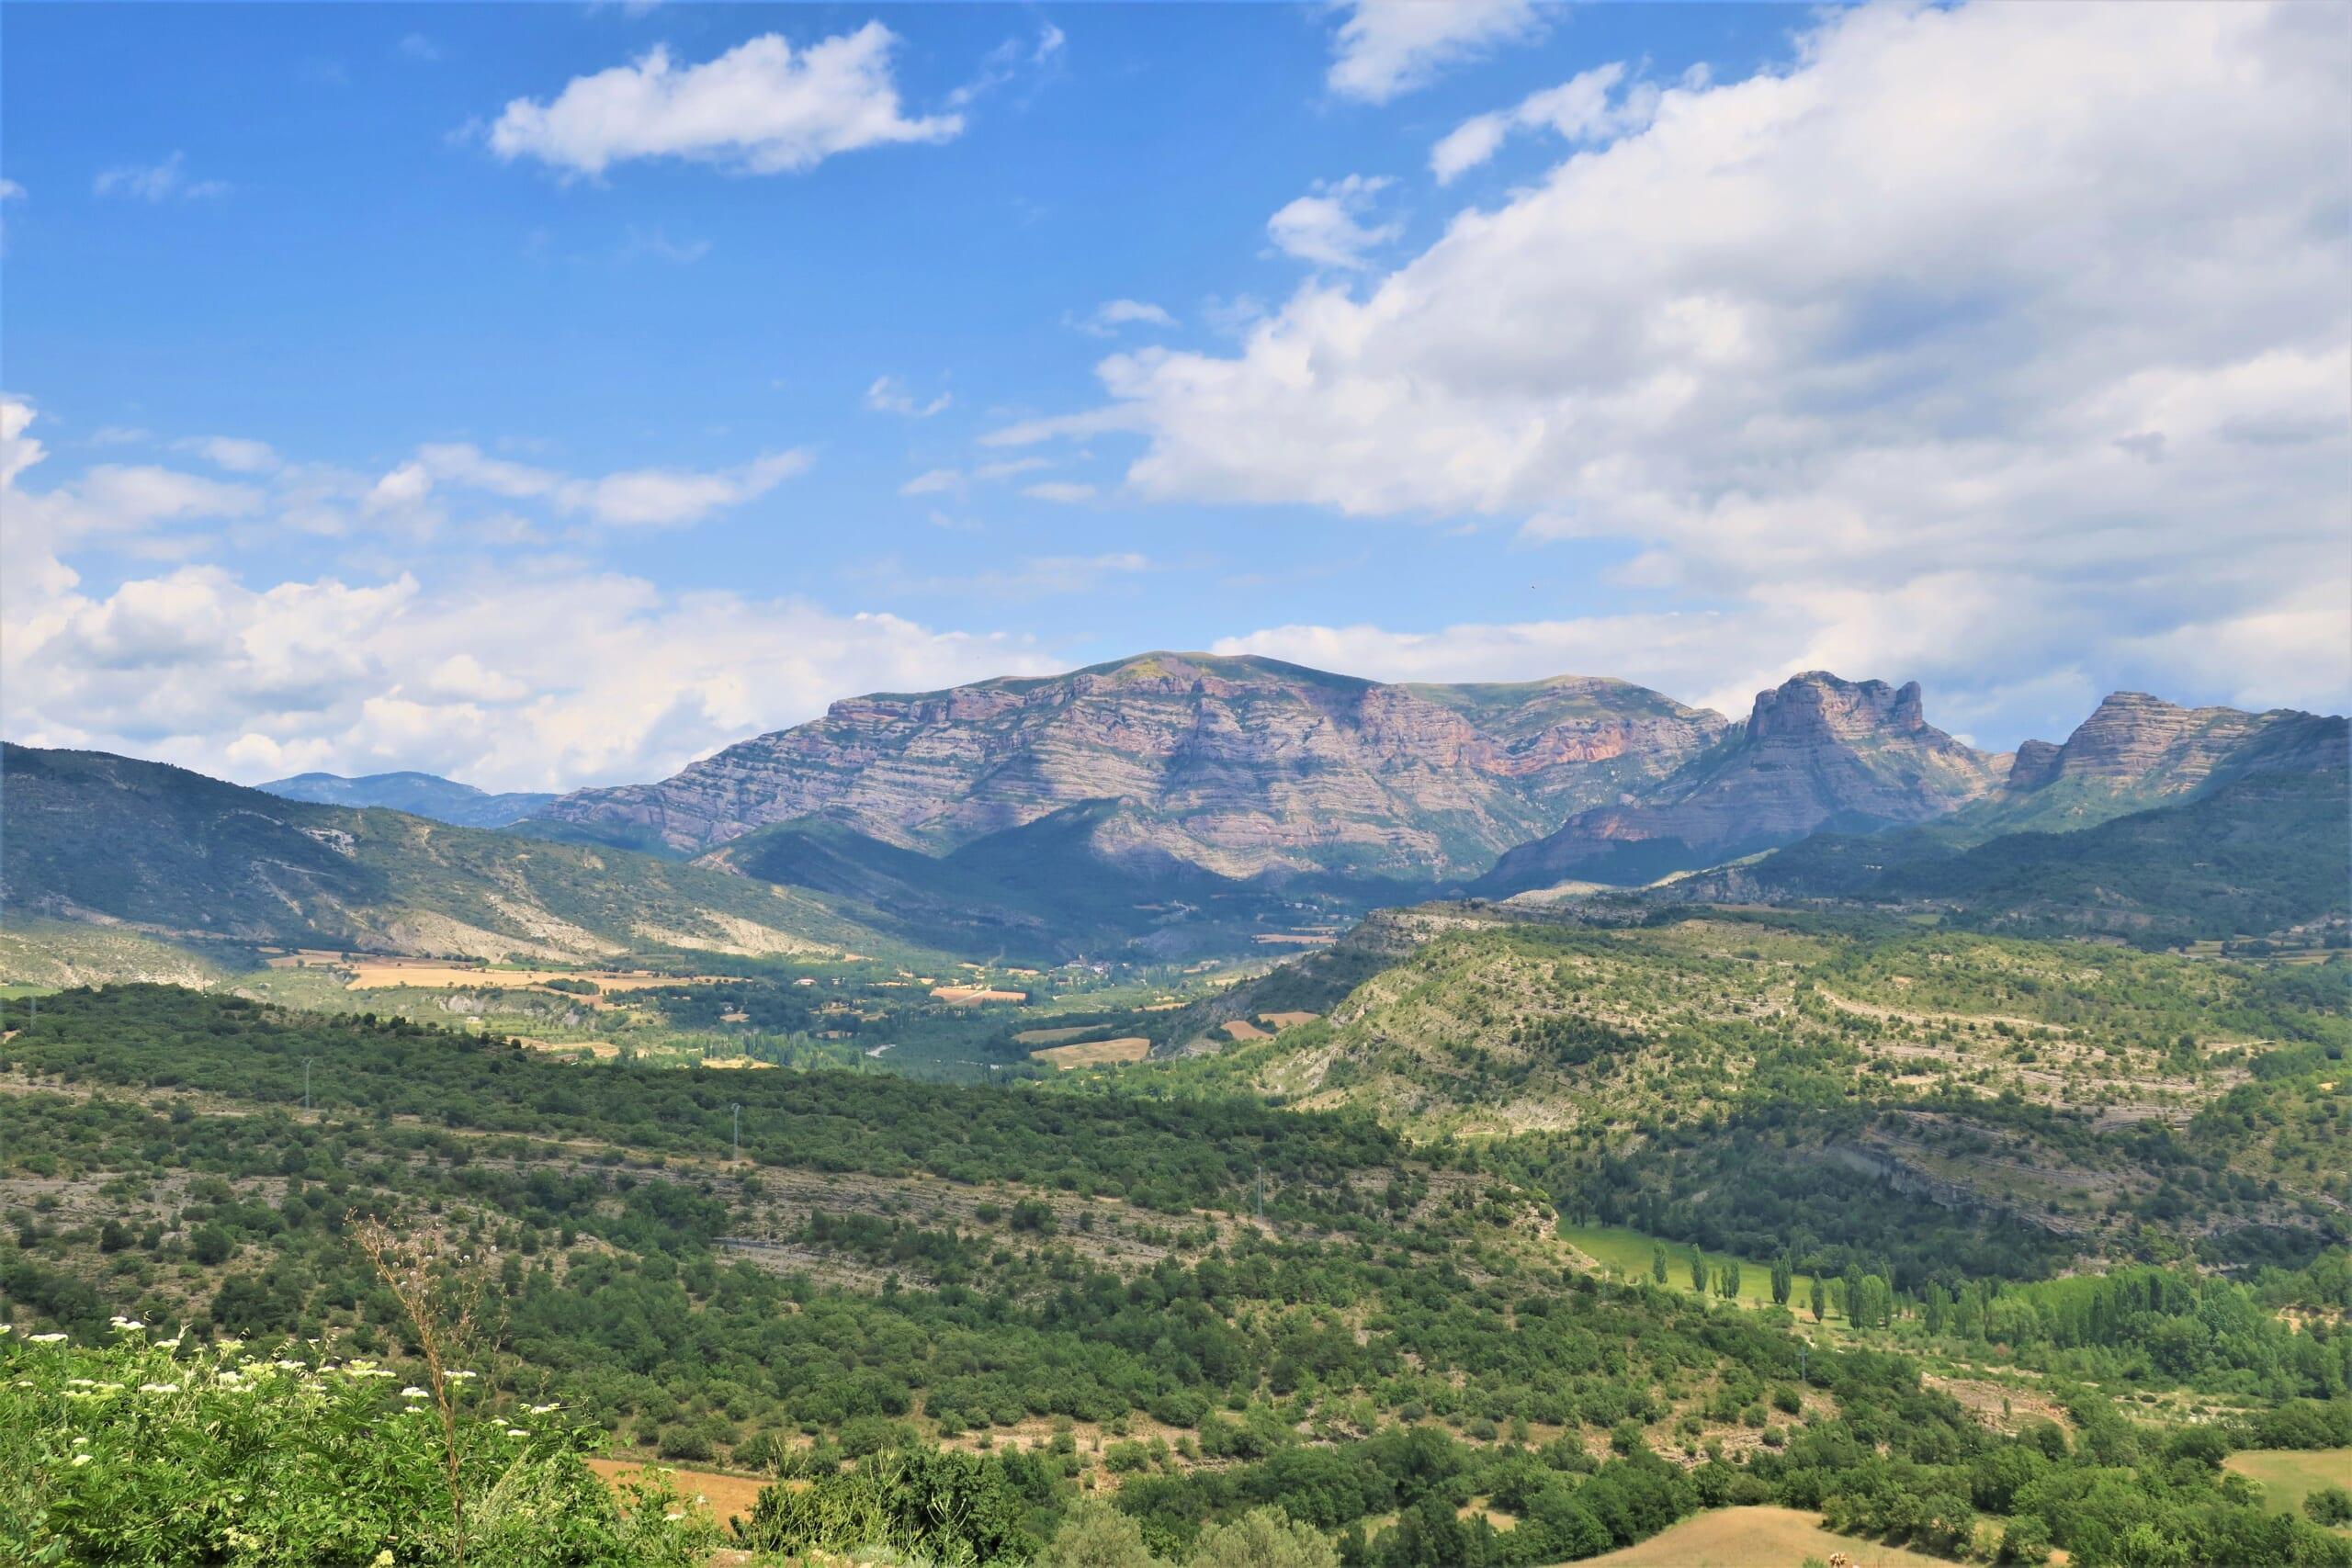 北スペインの観光スポットであるピレネーの山